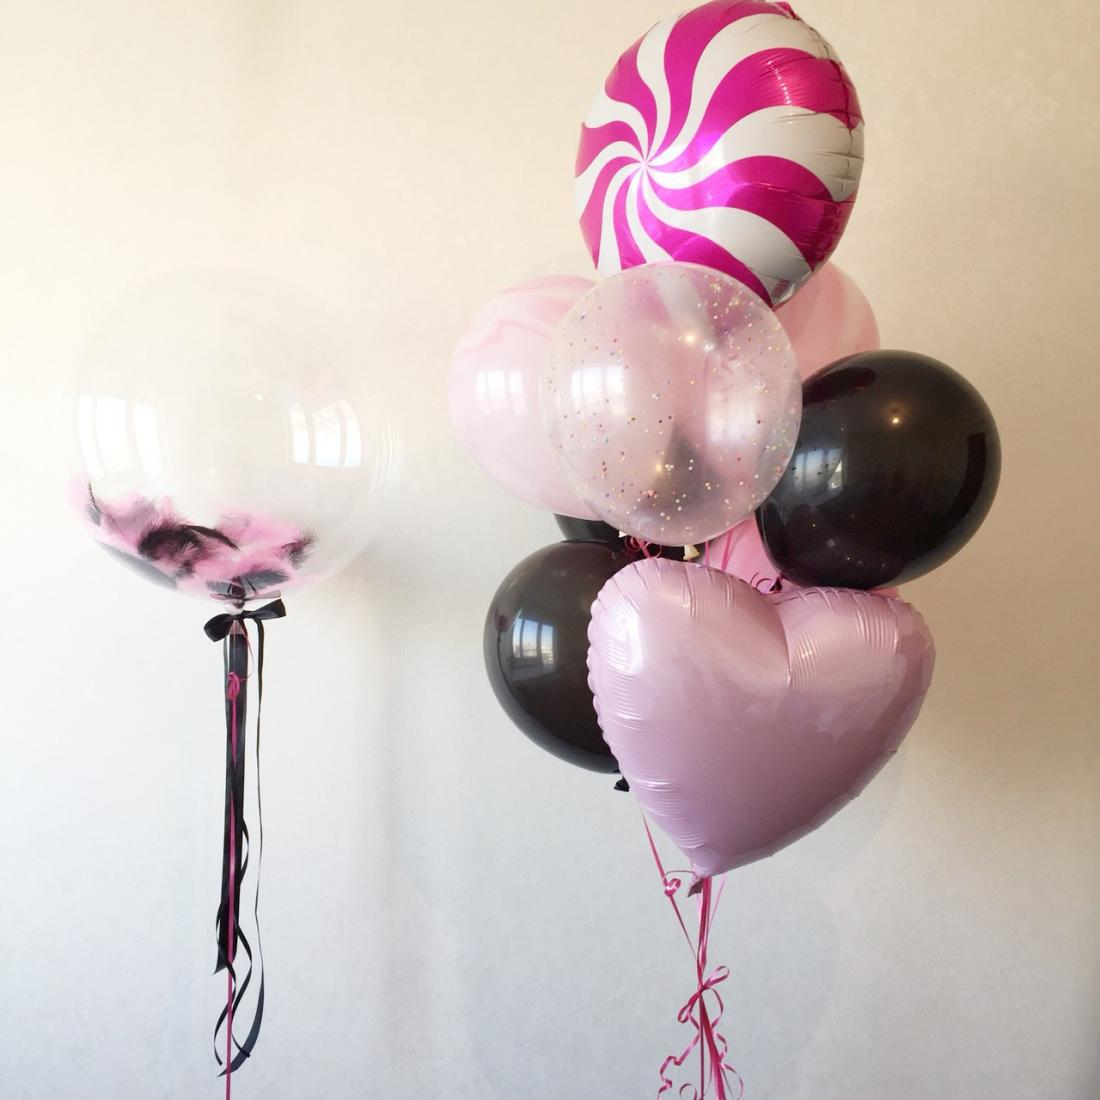 Гелиевые шары, композиции из гелиевых воздушных шаров, шары-гиганты от 1,60 руб/шт.